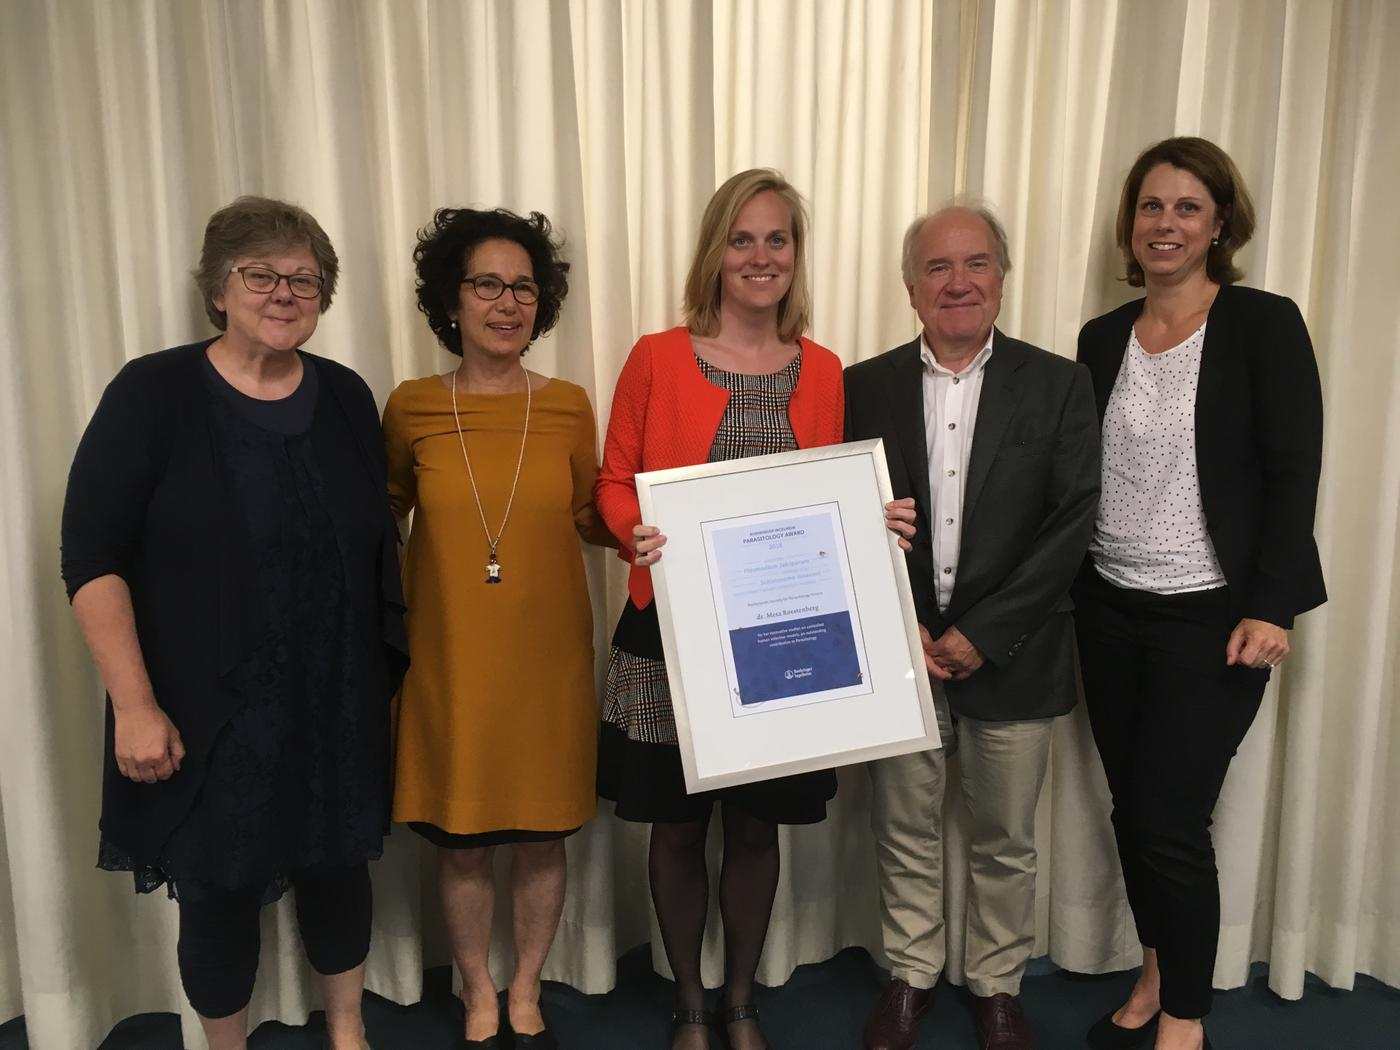 Boehringer-Ingelheim prijs naar Meta Roestenberg